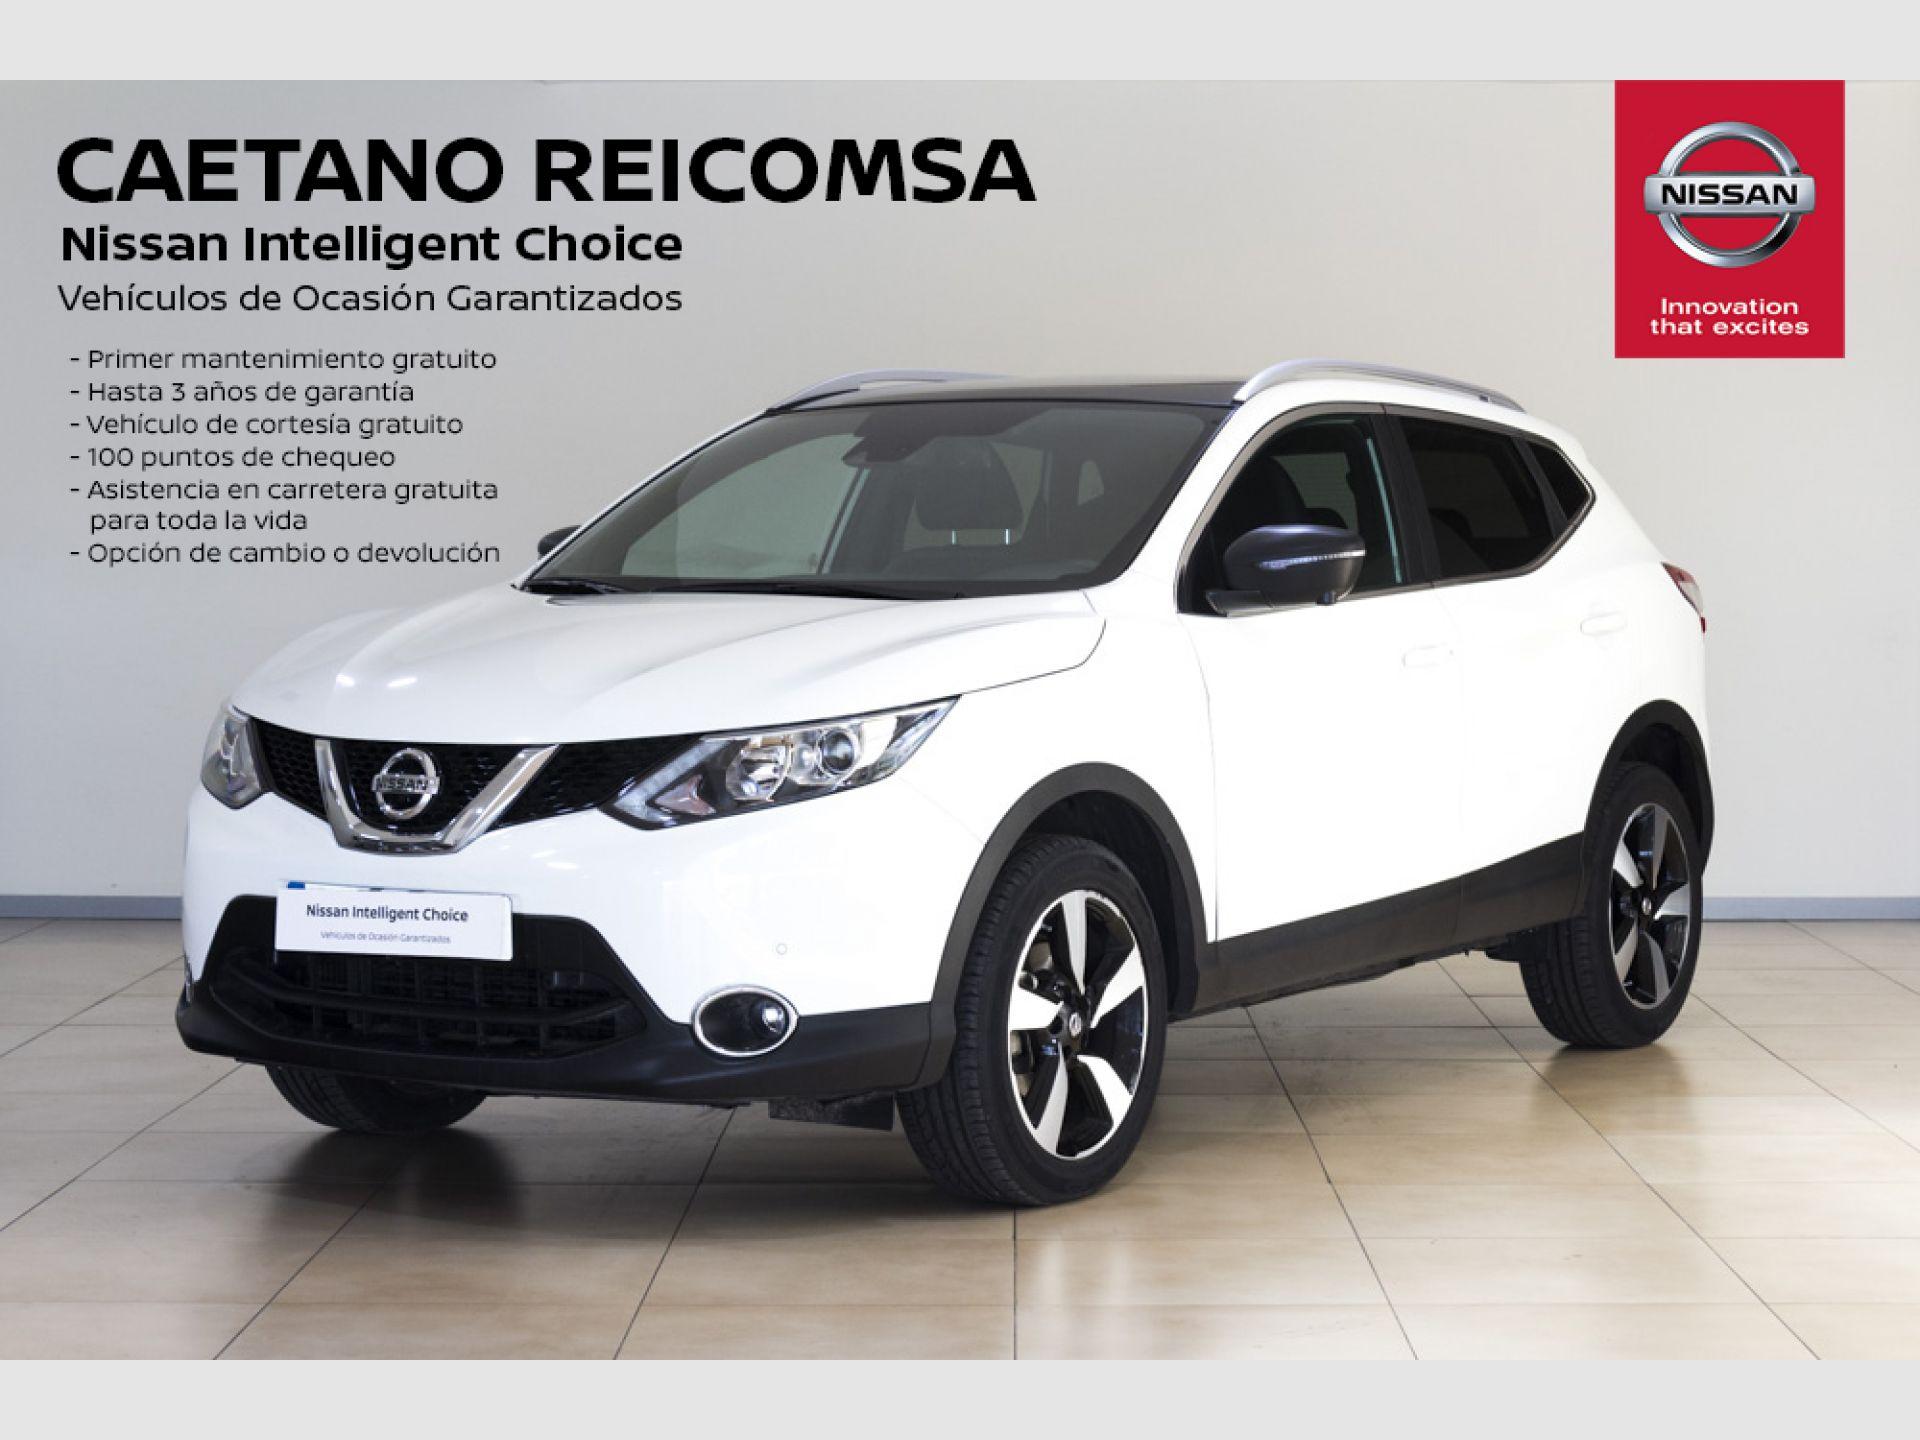 Nissan Qashqai 1.6 dCi N-VISION segunda mano Madrid